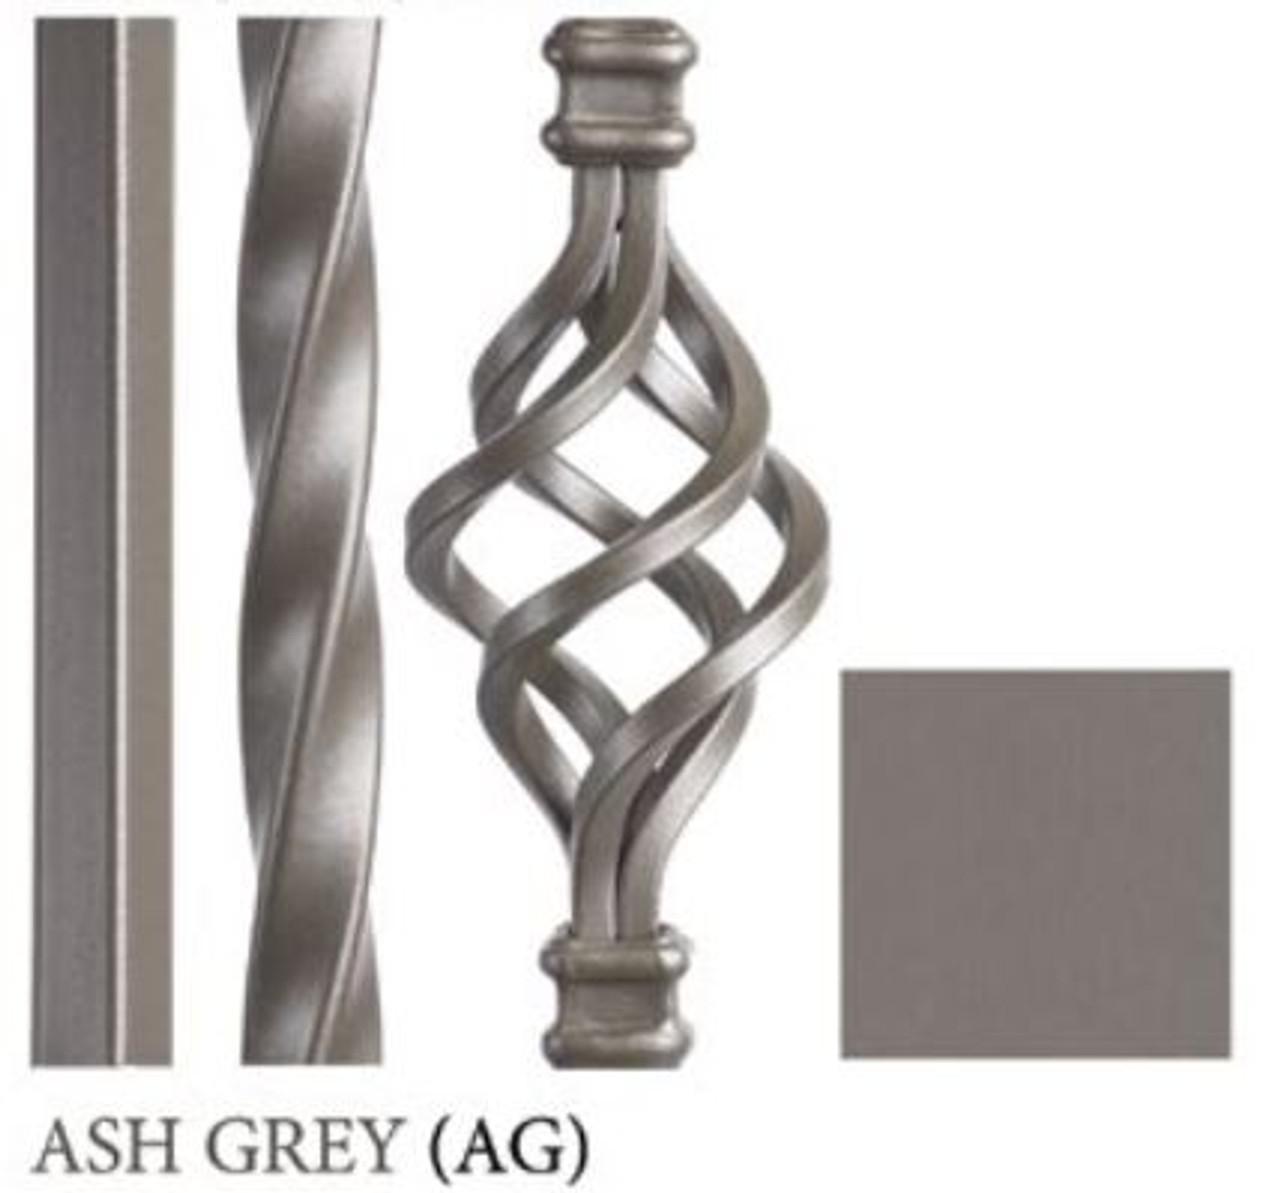 Ash Gray Powder Coating